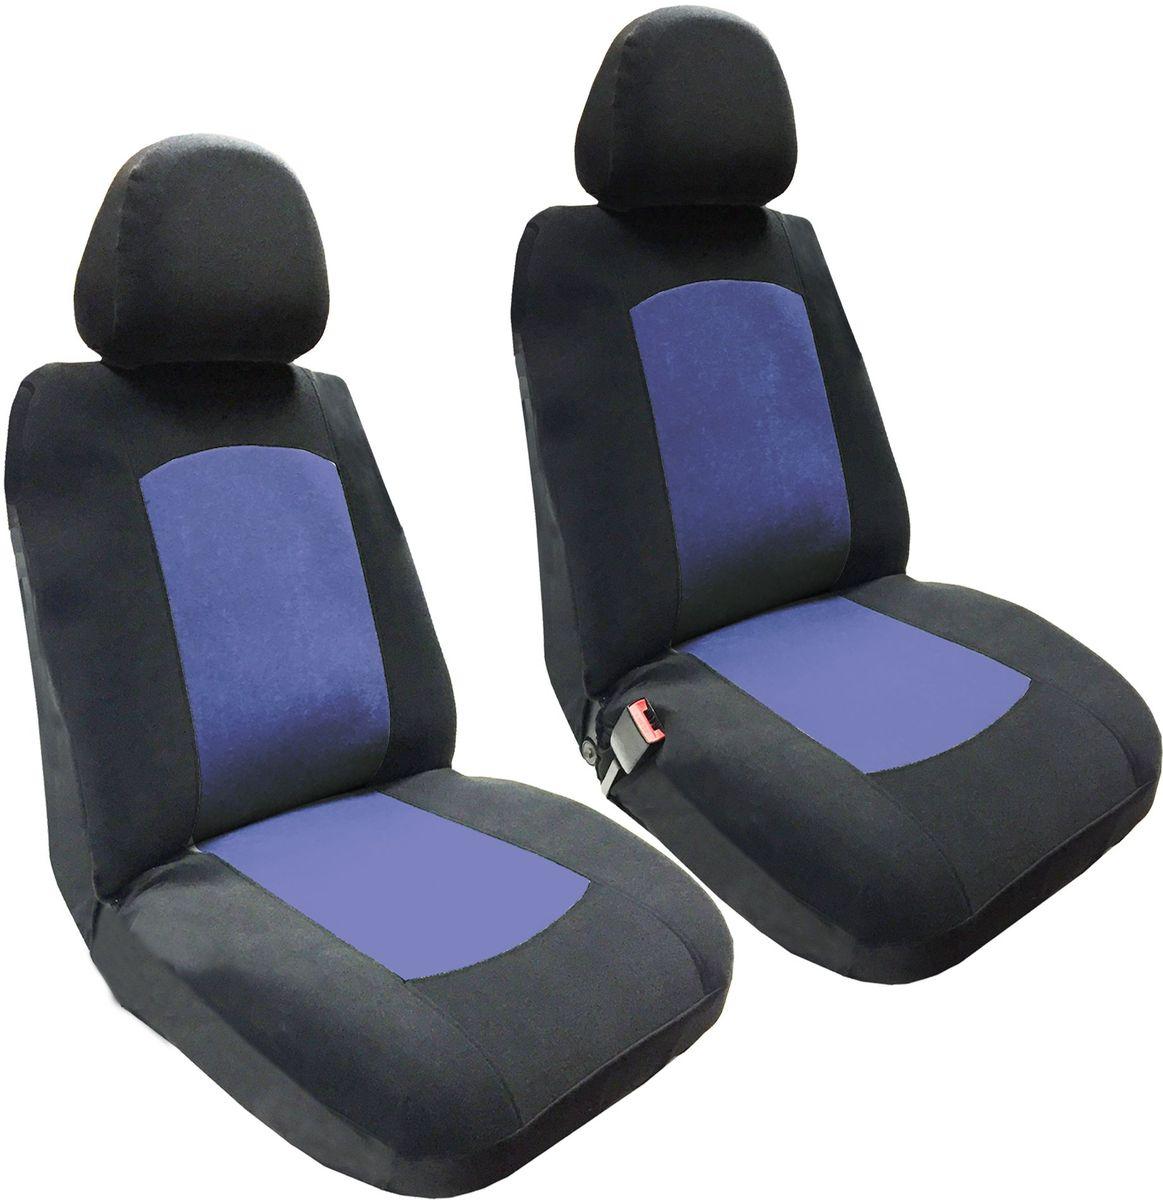 Набор автомобильных чехлов Auto Premium Фрегат, цвет: черный, синий, 4 предметаCA-3505Комплект универсальных чехлов Auto Premium Фрегат выполнен из велюра, предназначен для передних кресел автомобиля. На задней спинке чехла расположен вшивной карман. В комплект входят съемные чехлы для подголовников. Практичный и долговечный комплект чехлов для передних сидений надежно защищает сиденье водителя и пассажира от механических повреждений, загрязнений и износа.